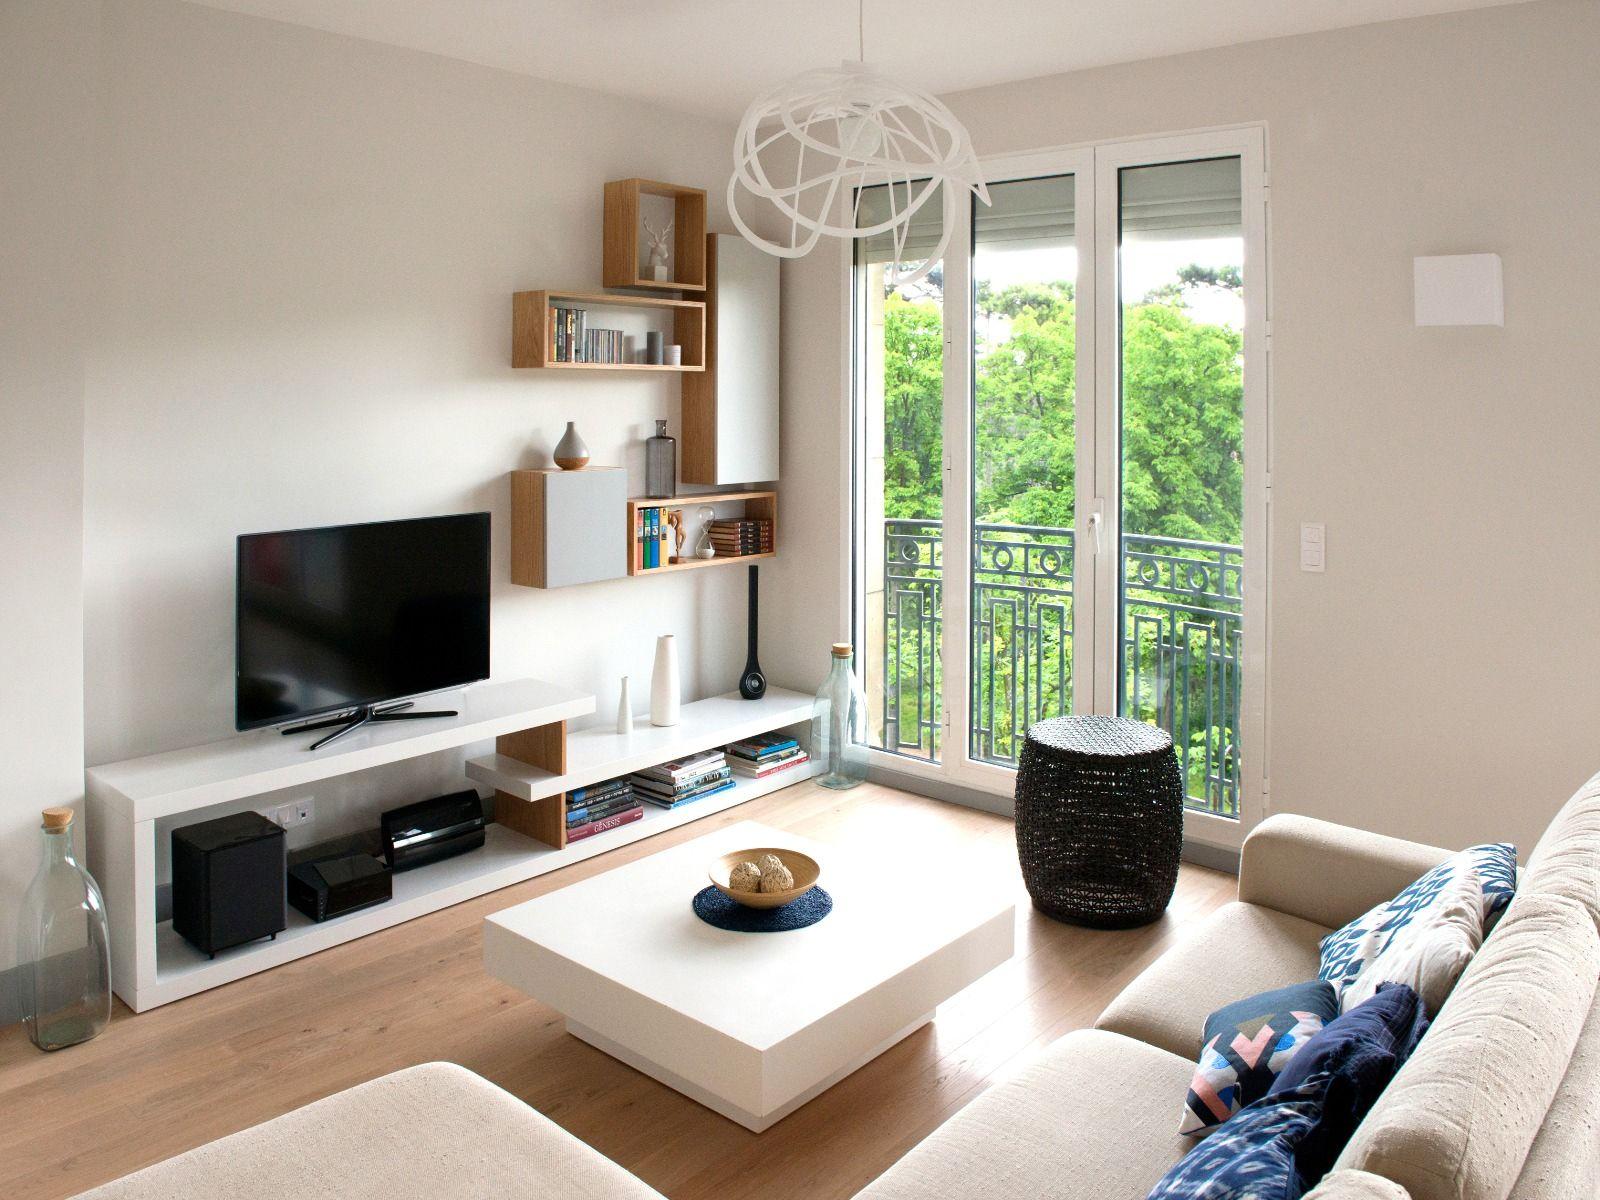 r alisation murs et merveilles salon ambiance scandinave neuilly espace tv sur mesure. Black Bedroom Furniture Sets. Home Design Ideas